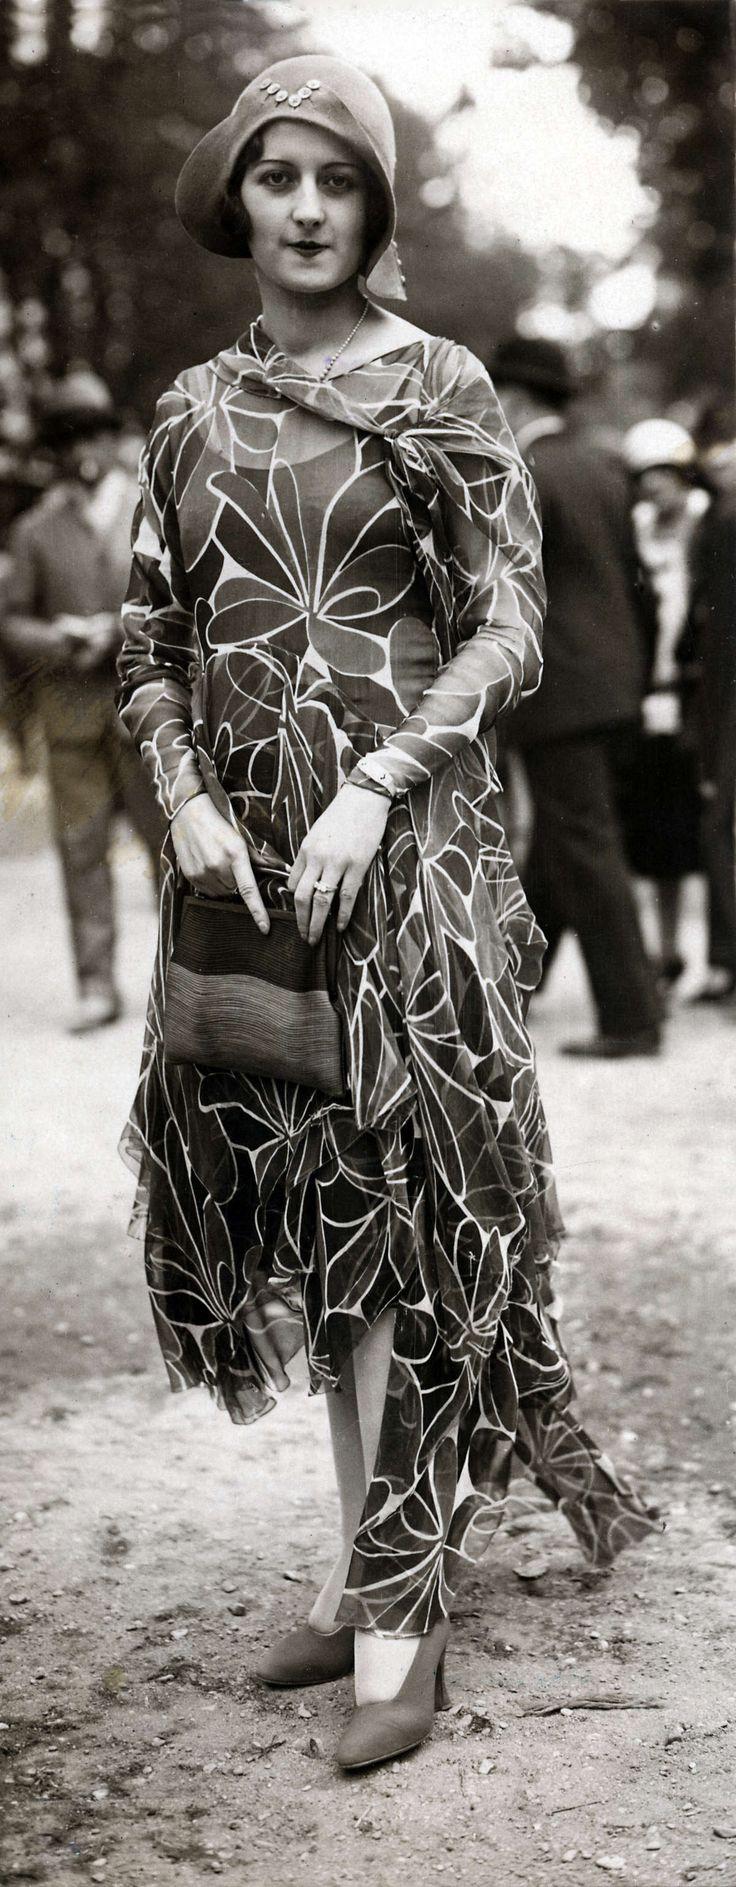 14-11-11  Damesmode. Modeshows van de grote couturiers tijdens de paardenrennen zijn populair. Dit model toont een creatie uit de zomermode collectie van 1929. Een japon van dunne stof en met een ongelijkvallende rok.Ze draagt daarbij een tas en een hoedje. Compiègne, Frankrijk, 1929.